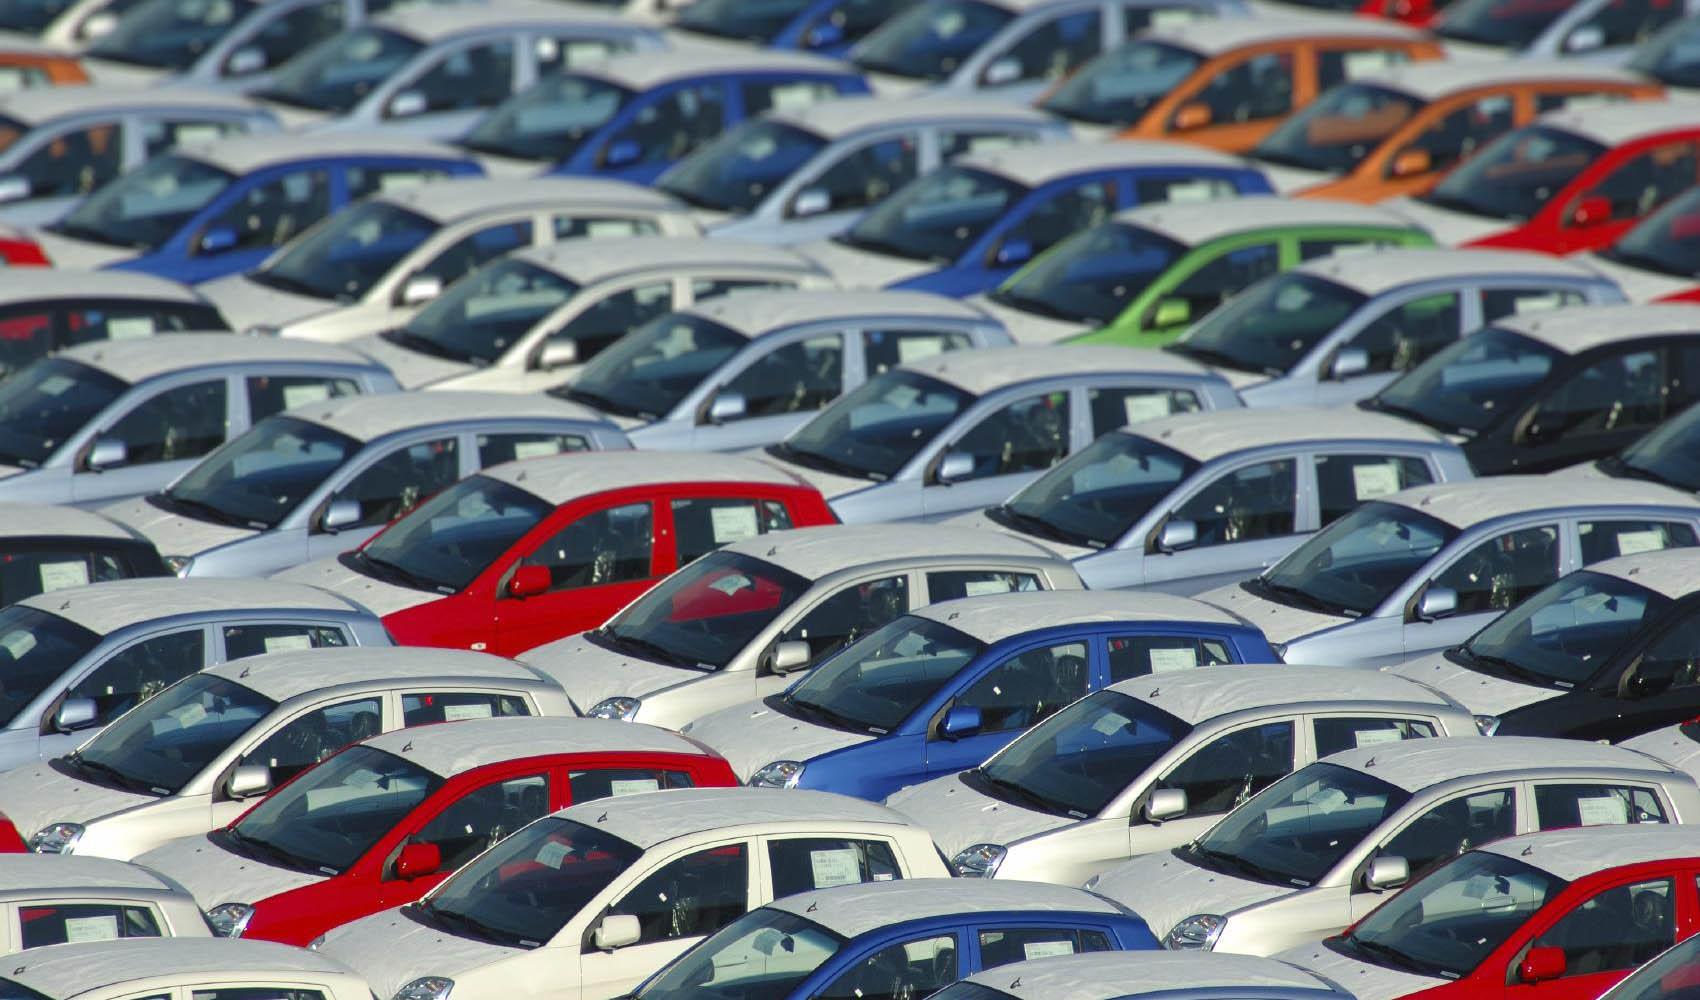 ابلاغ قوانین اصلاح شده گمرک برای ترخیص خودروهای دپو شده